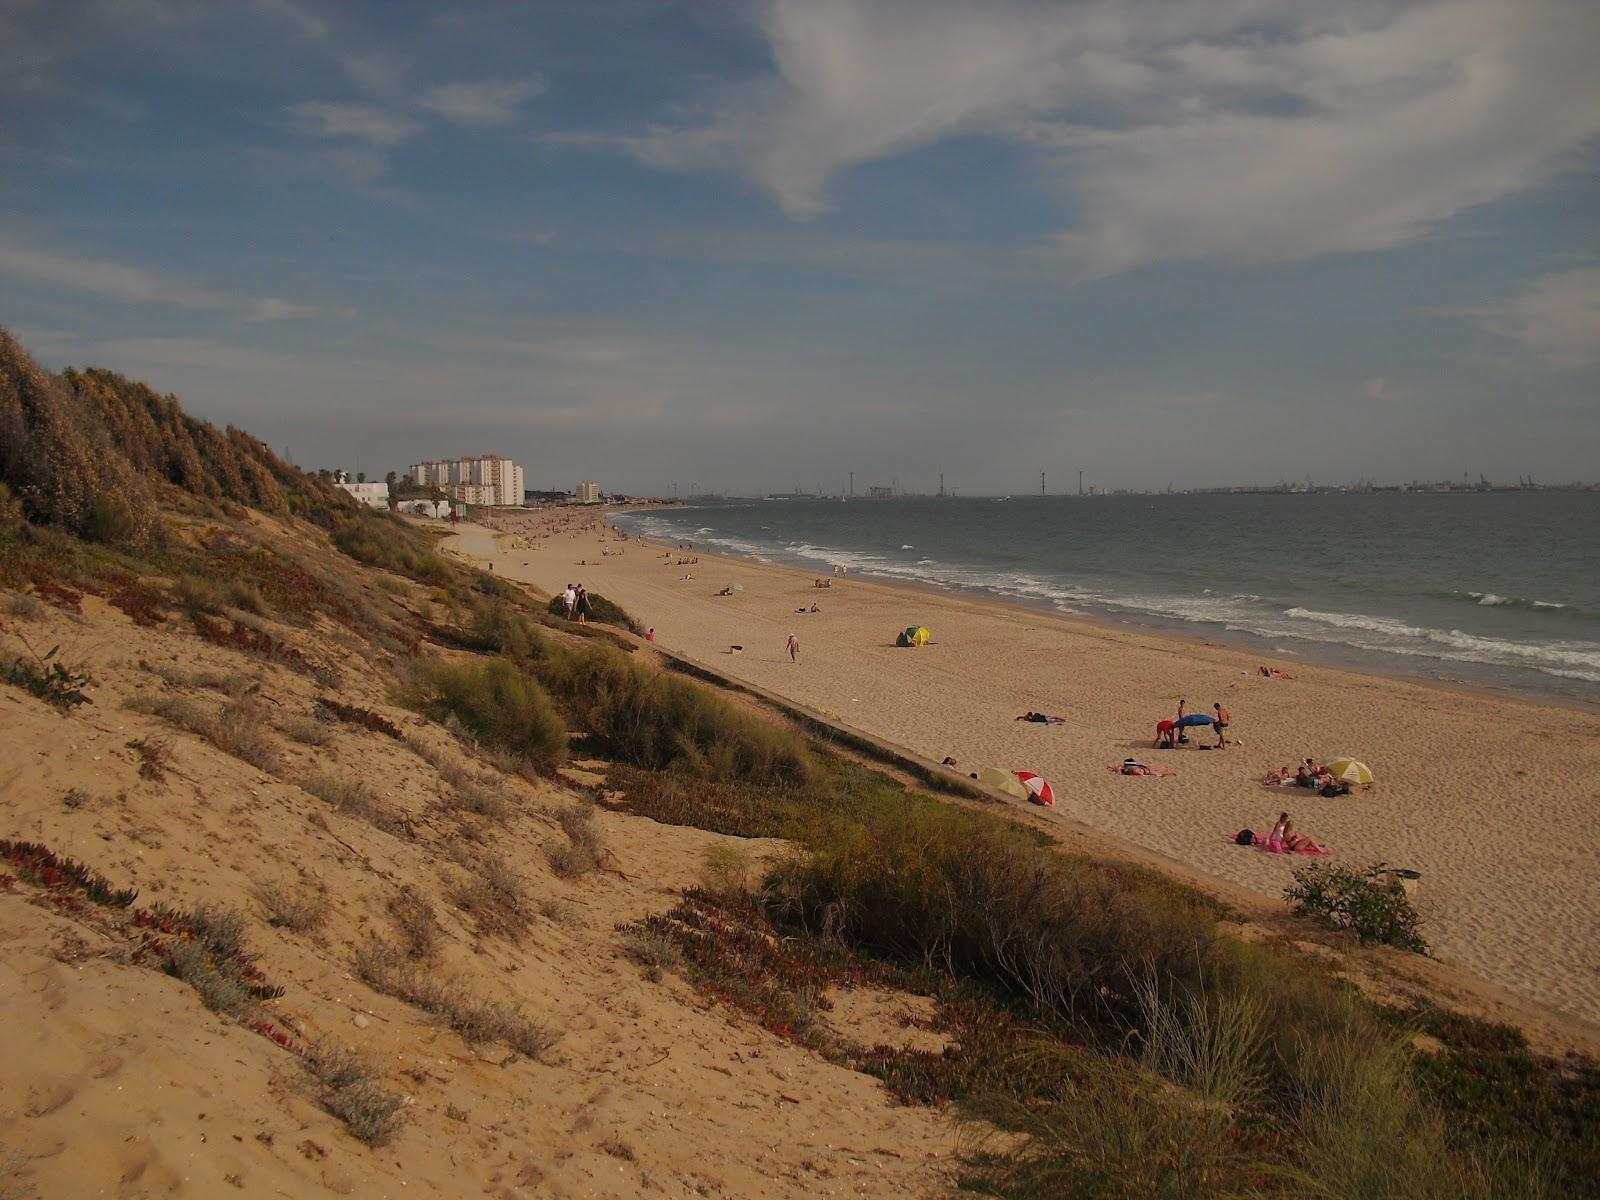 Playa El Banquito